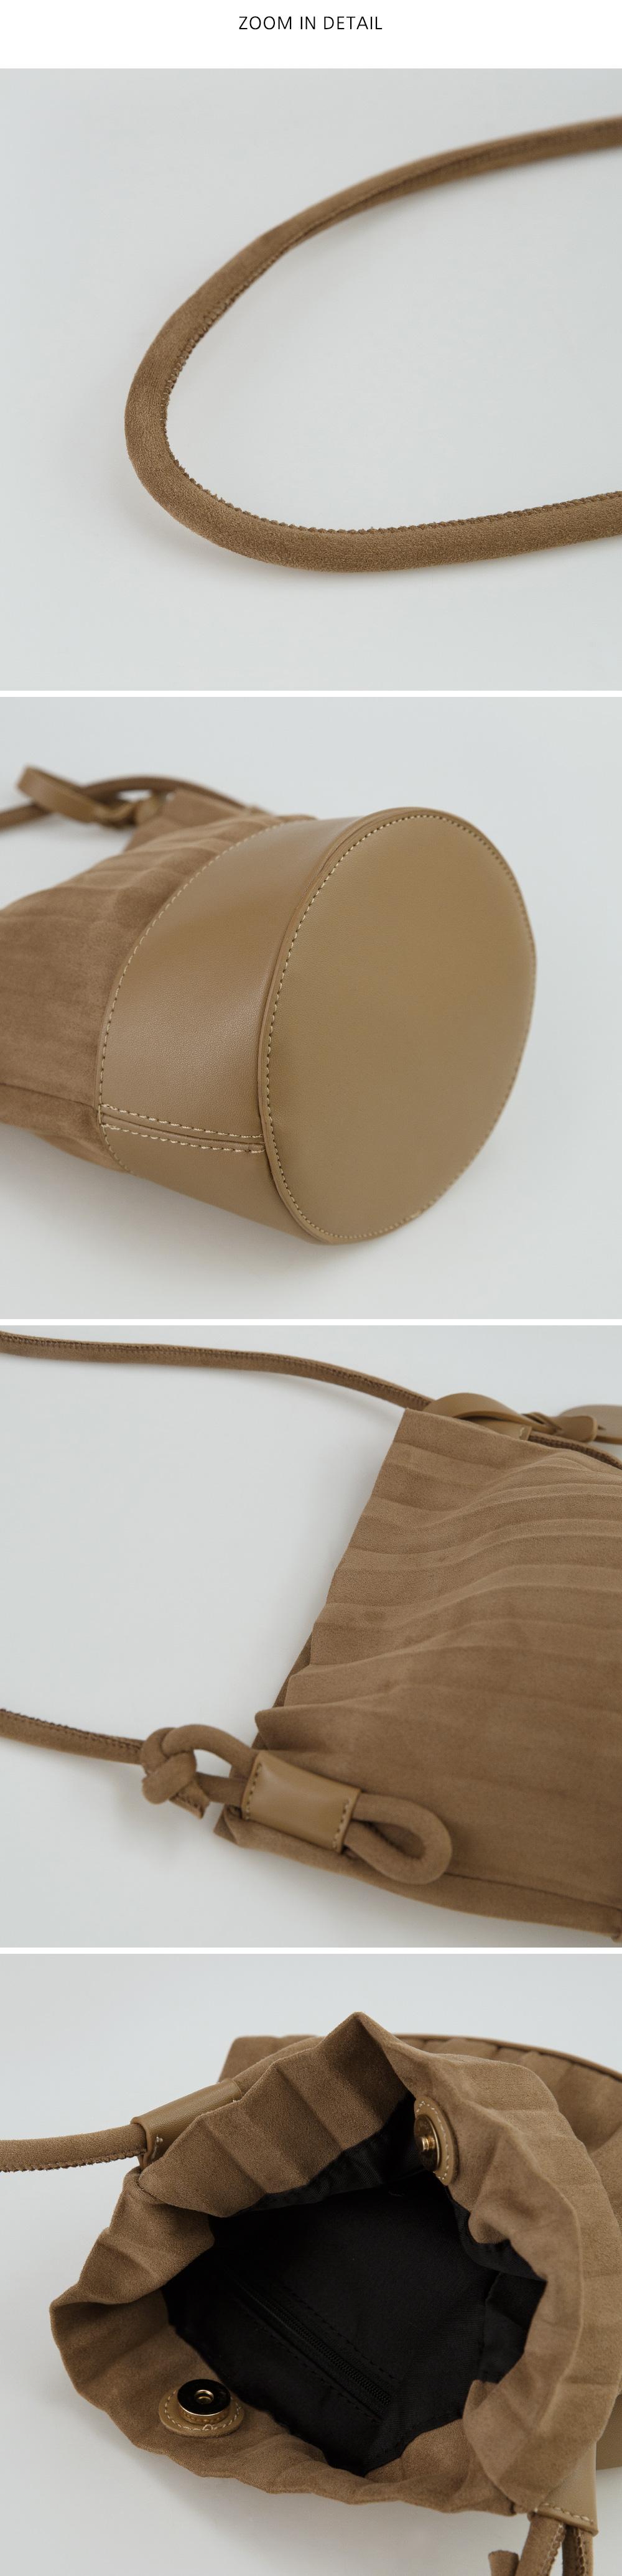 pleats detail suede bag